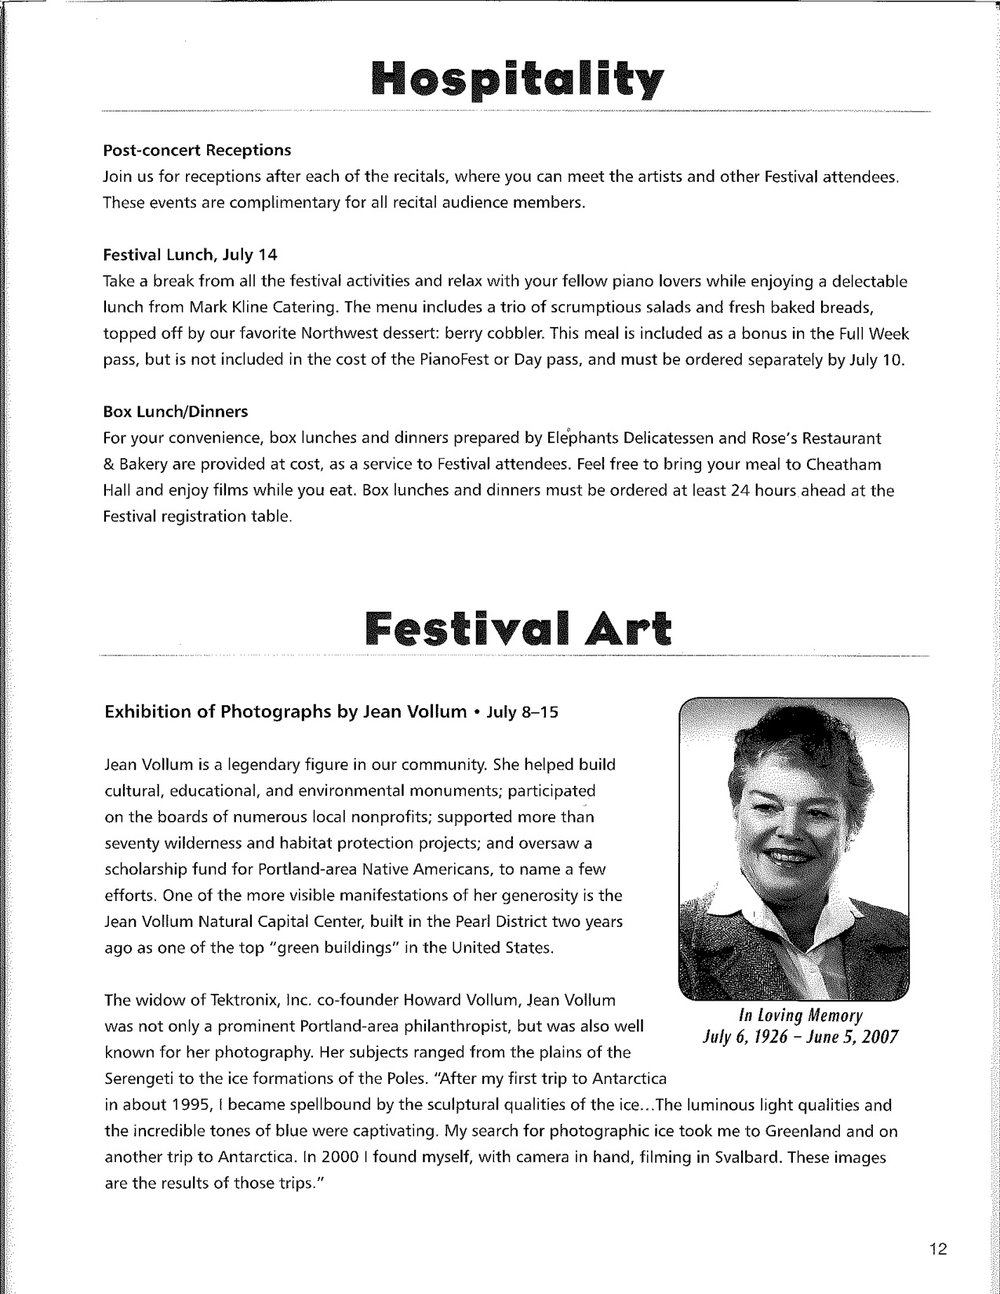 Fest2007_13.jpg